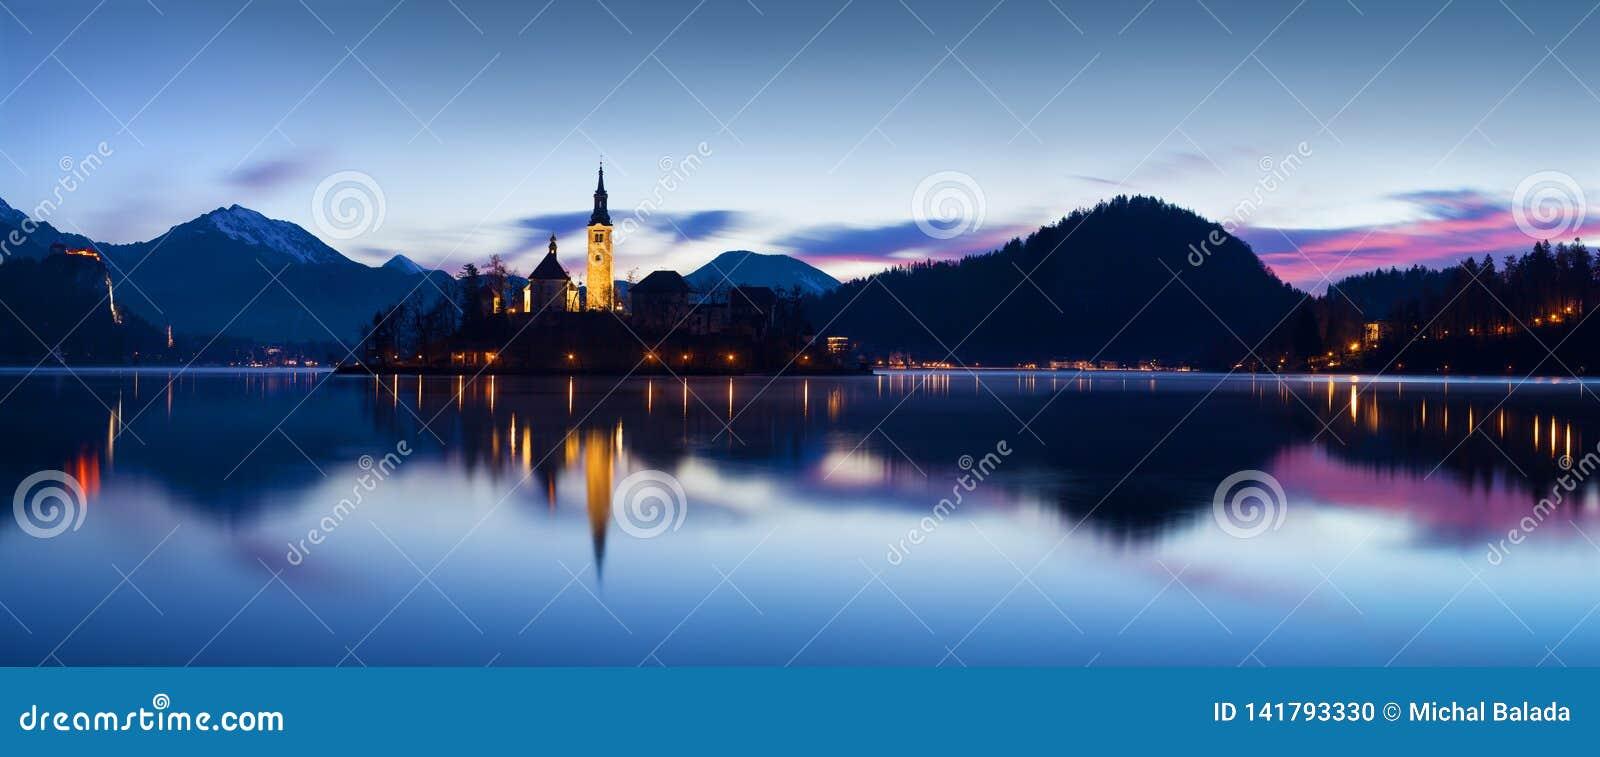 Η όμορφη άποψη του διάσημου αιμορραγημένου νησιού με την καθολική εκκλησία στη φυσική λίμνη αιμορράγησε με το αιμορραγημένο Castl